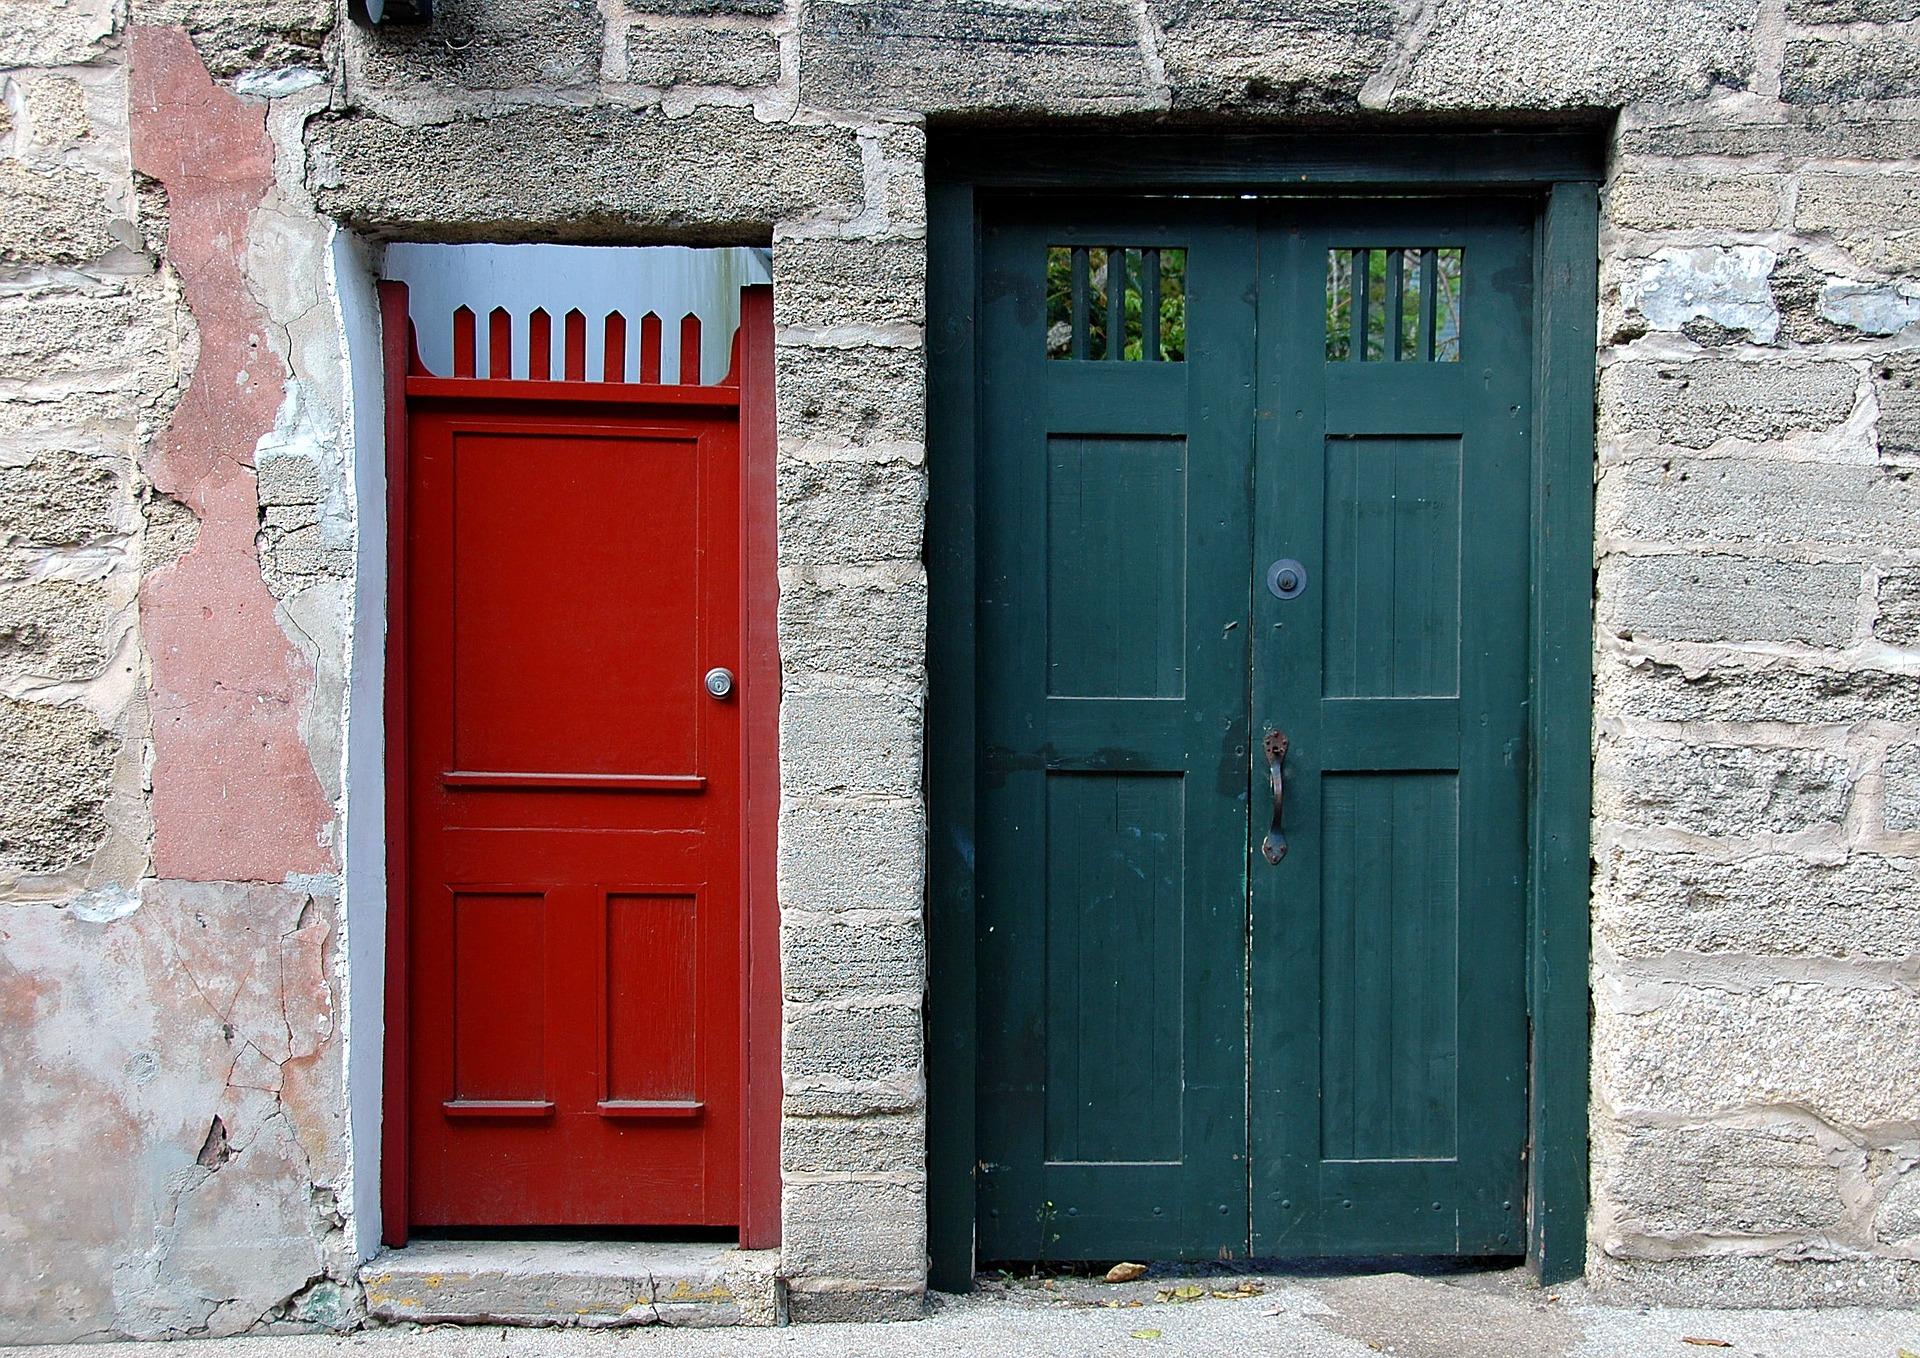 Frente de uma casa com um portão vermelho e outro verde